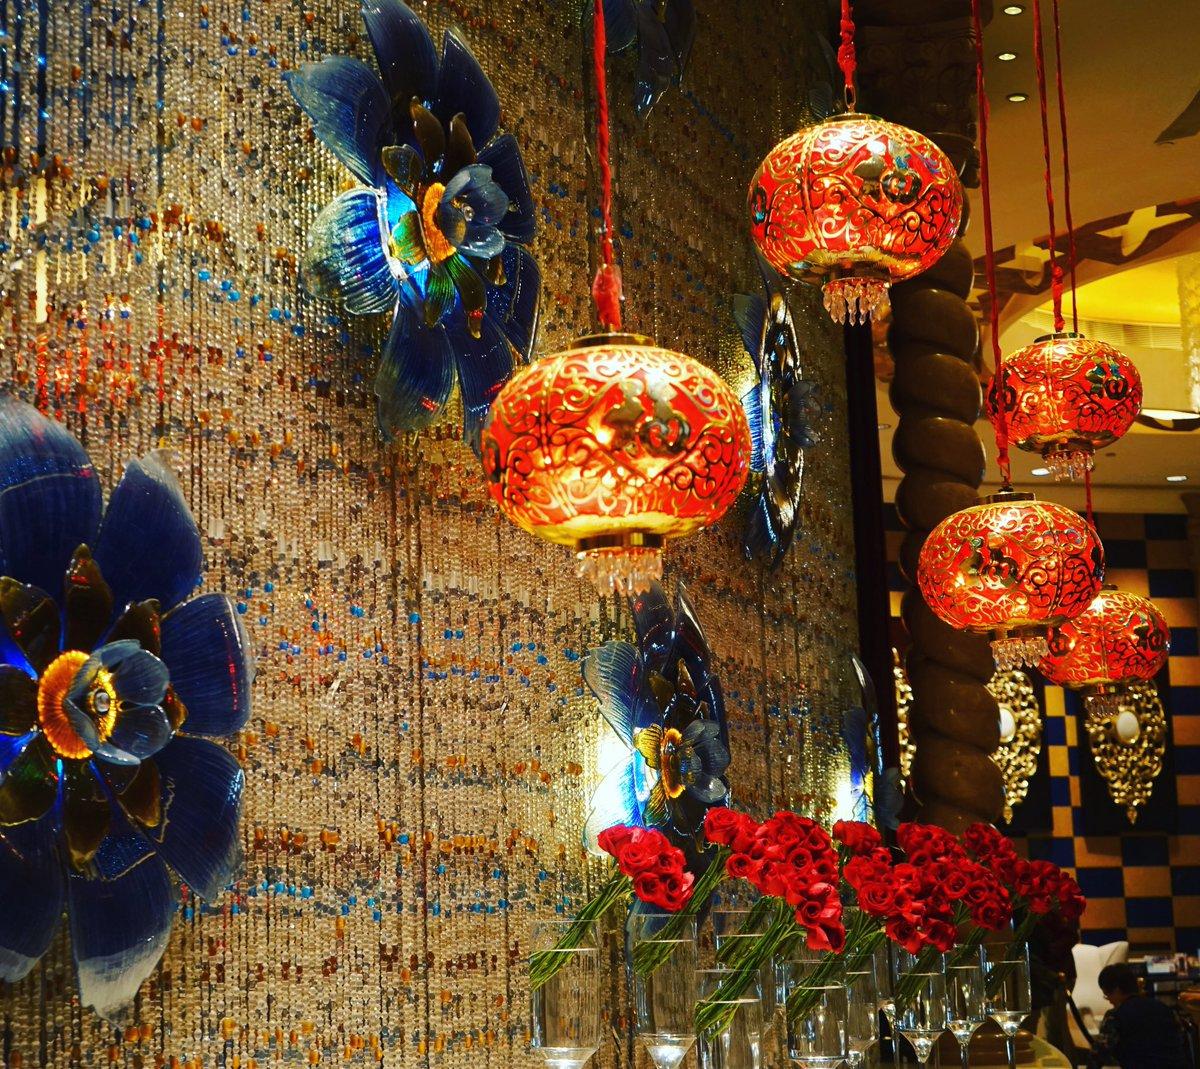 To celebrate the Chinese New Year❤️ #sofitelmacau #sofitelworld #enjoying #enjoylife #happytime #happylife #chinesenewyear https://t.co/bclAZQgeH7